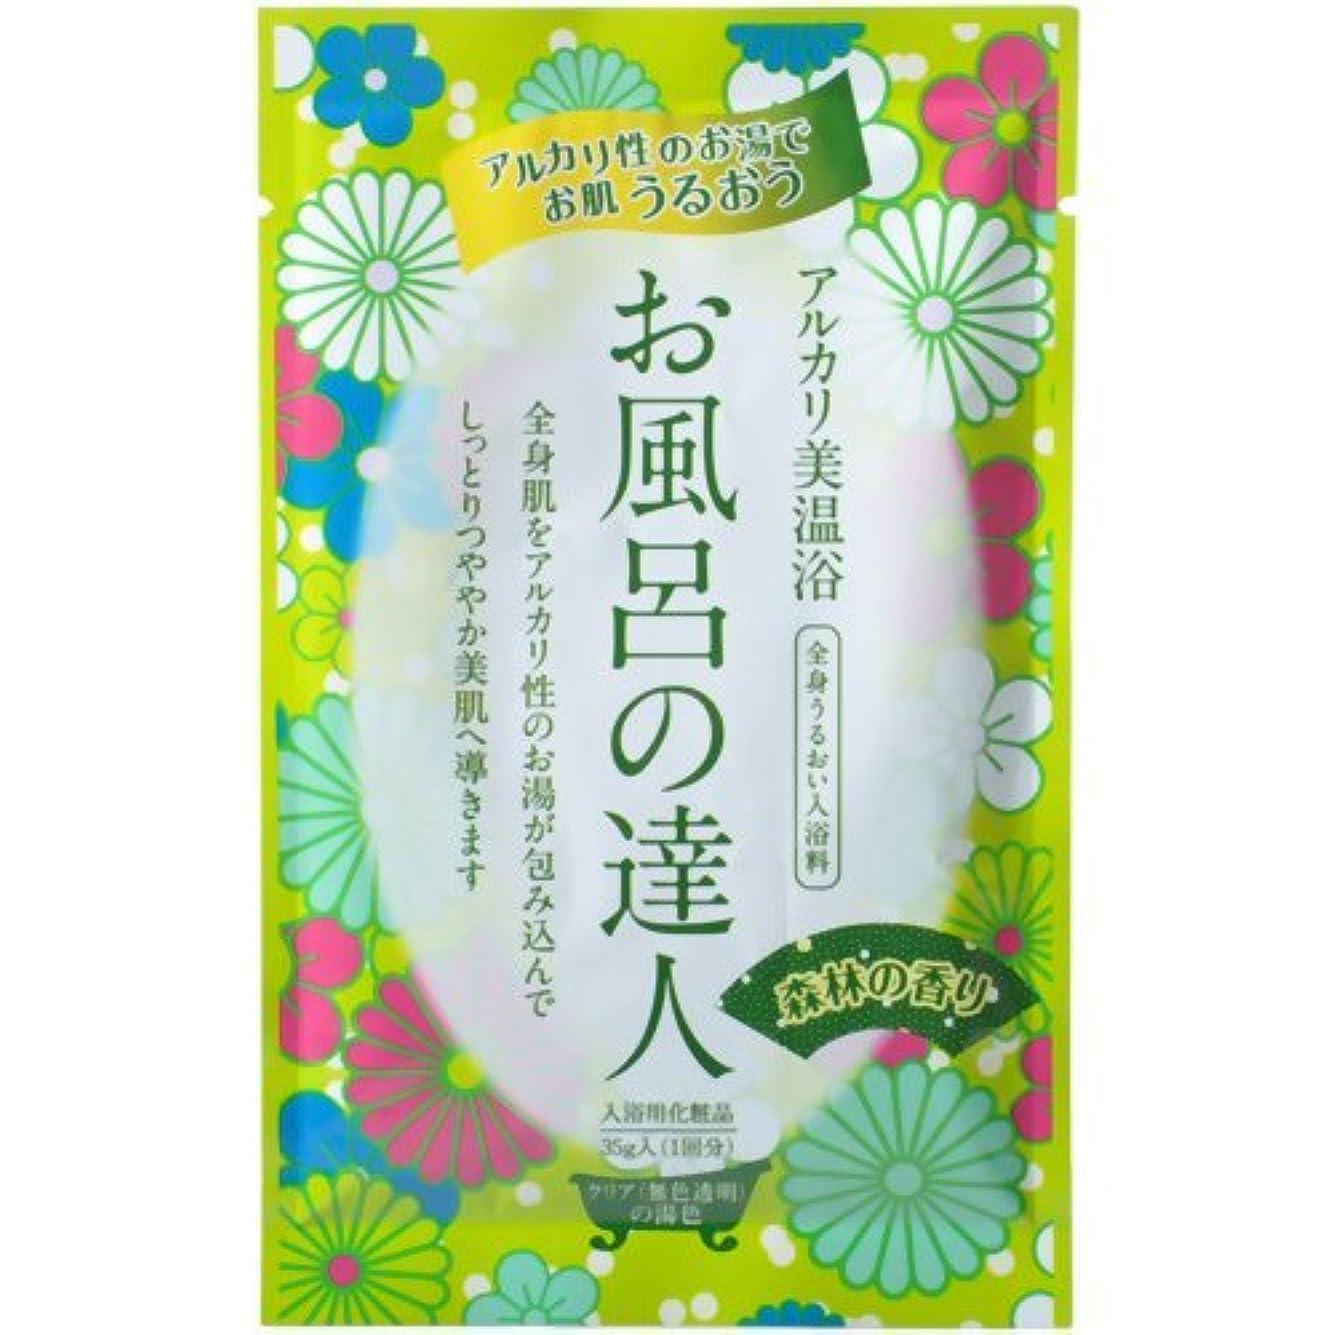 石バンジージャンプ悲鳴五洲薬品(株) お風呂の達人森林の香り 35G 入浴剤